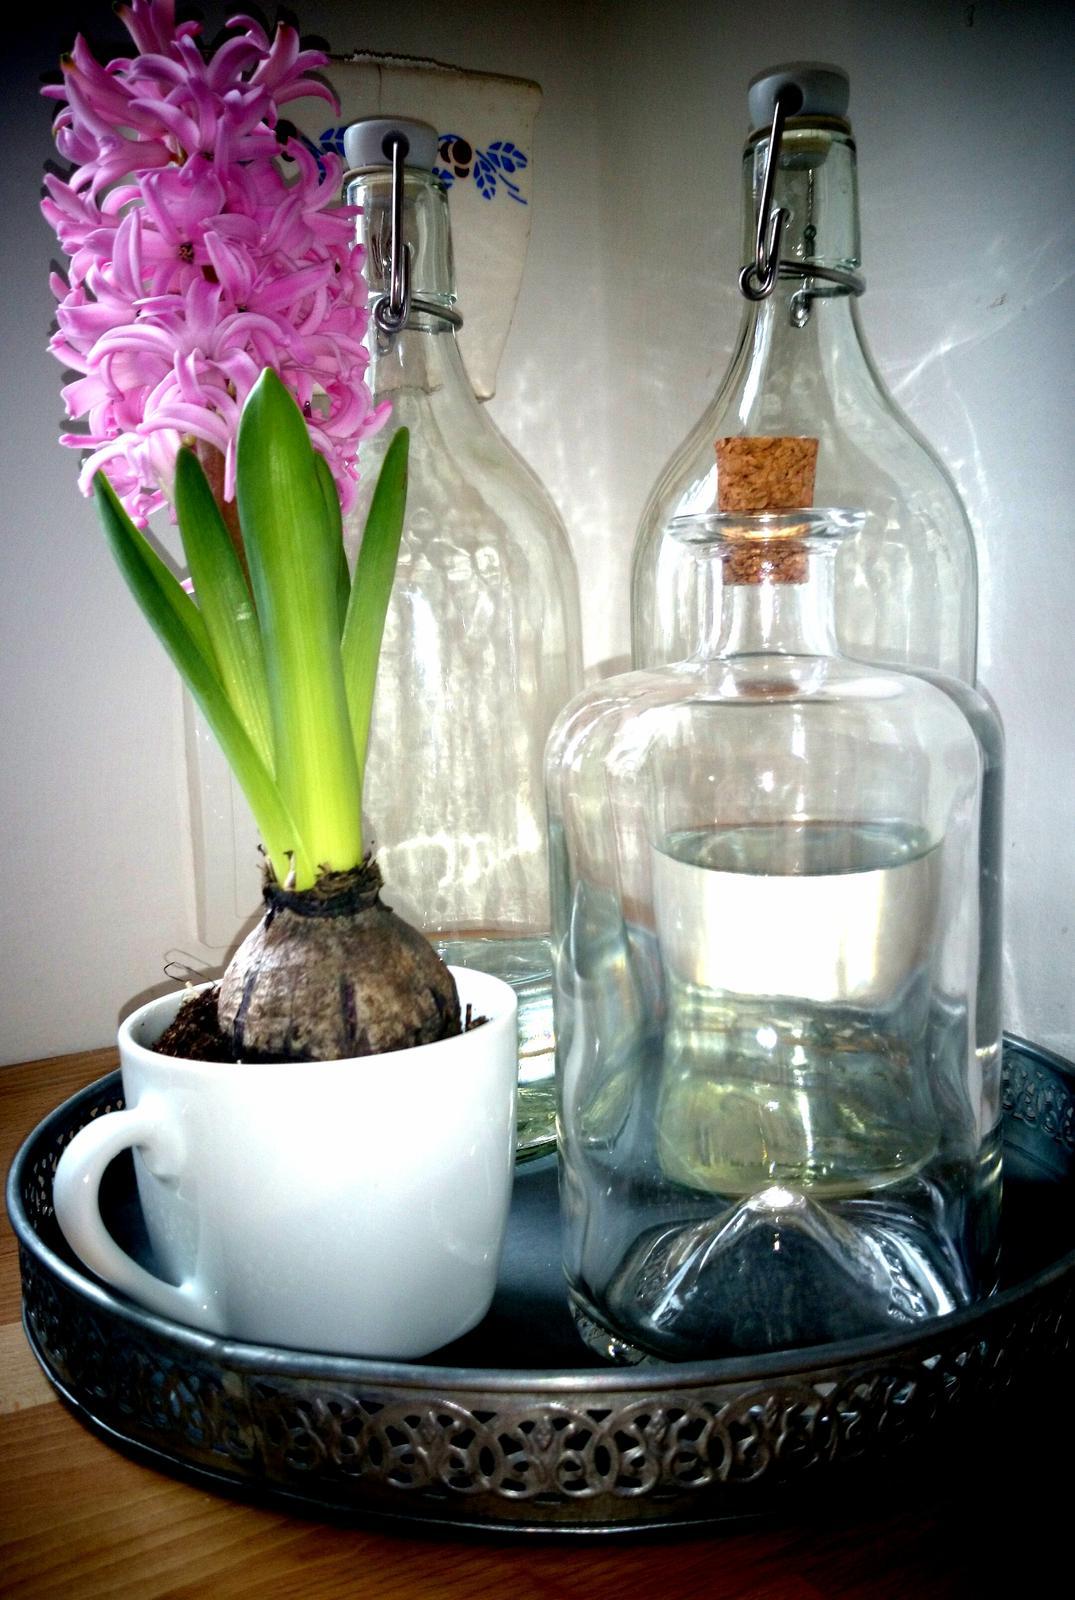 ..kuchyňa podľa mojich predstáv... - ..jeden rozkvitnutý hyacint...a hneď mám pekný deň :)